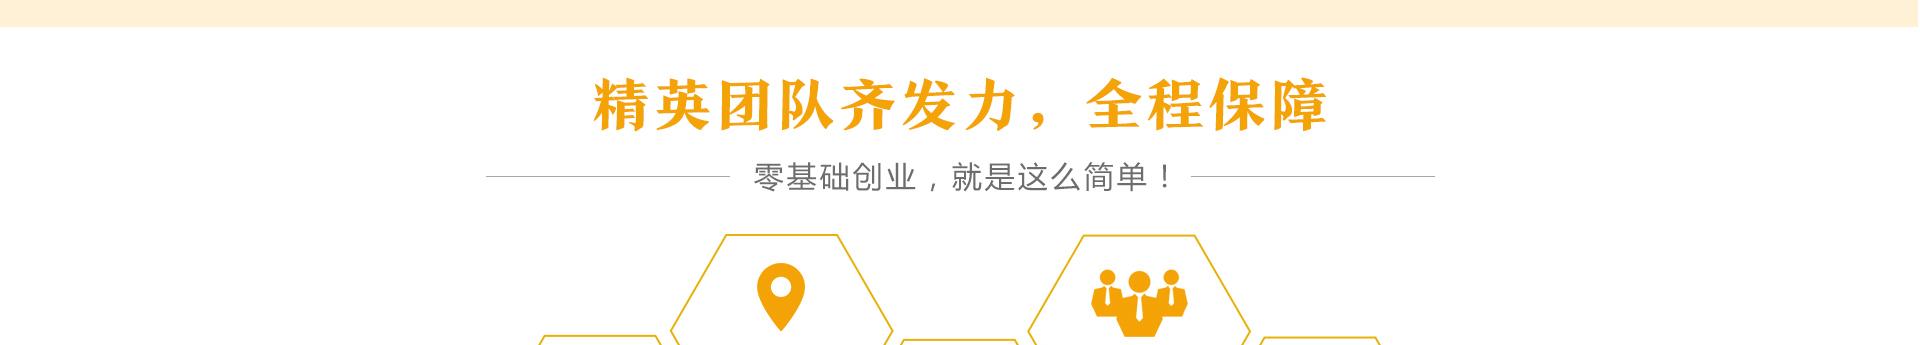 川小喵酸菜鱼cxm_26